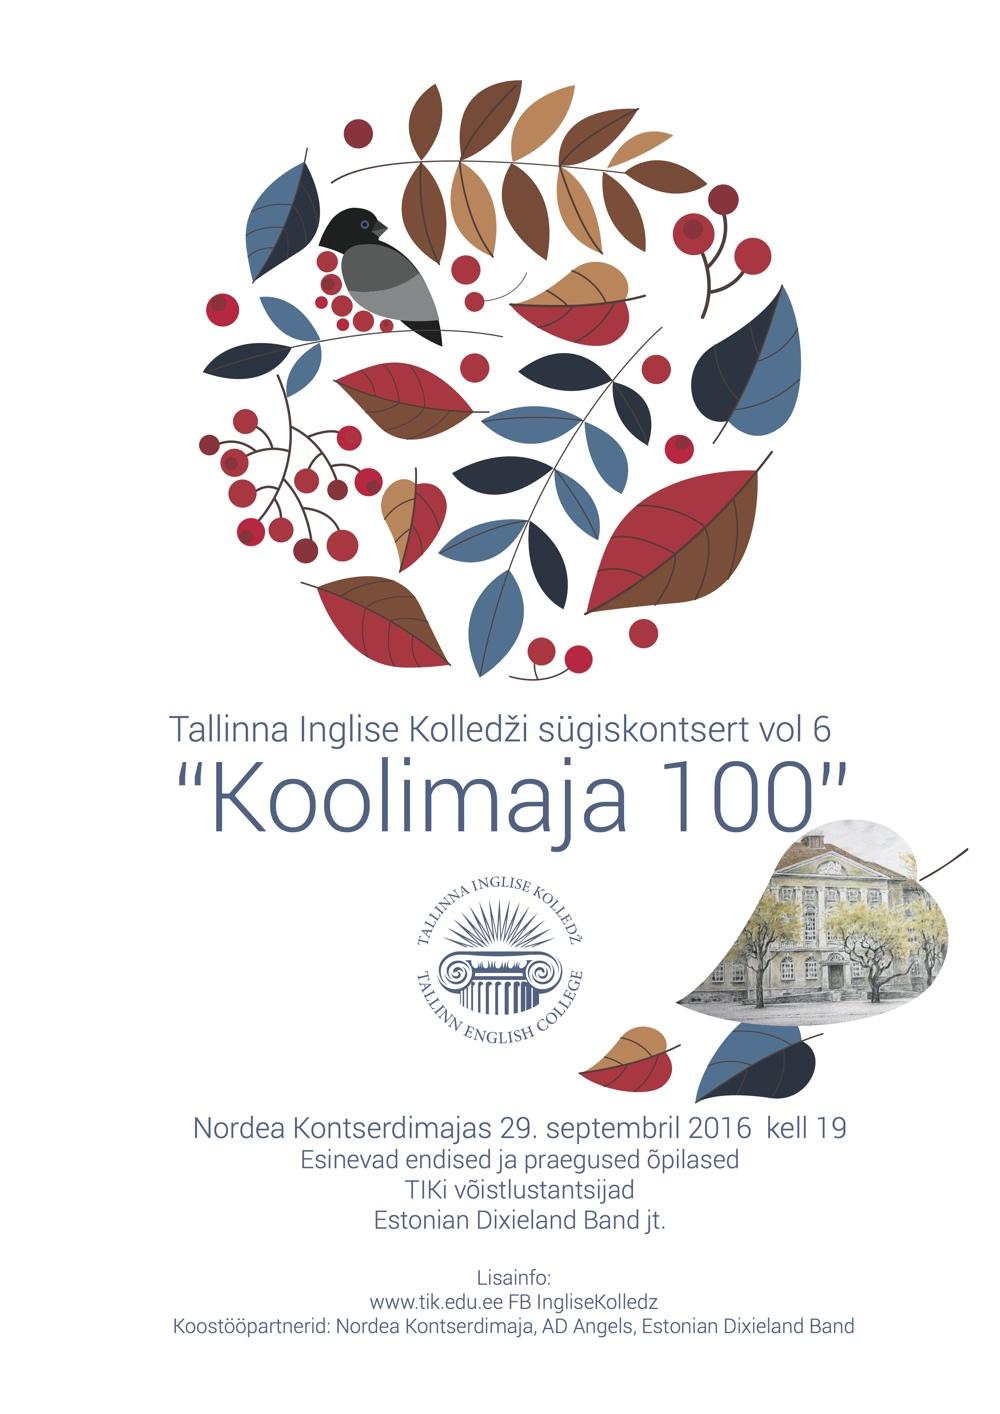 Tallinna Inglise Kolledži sügiskontsert vol 6: Koolimaja 100